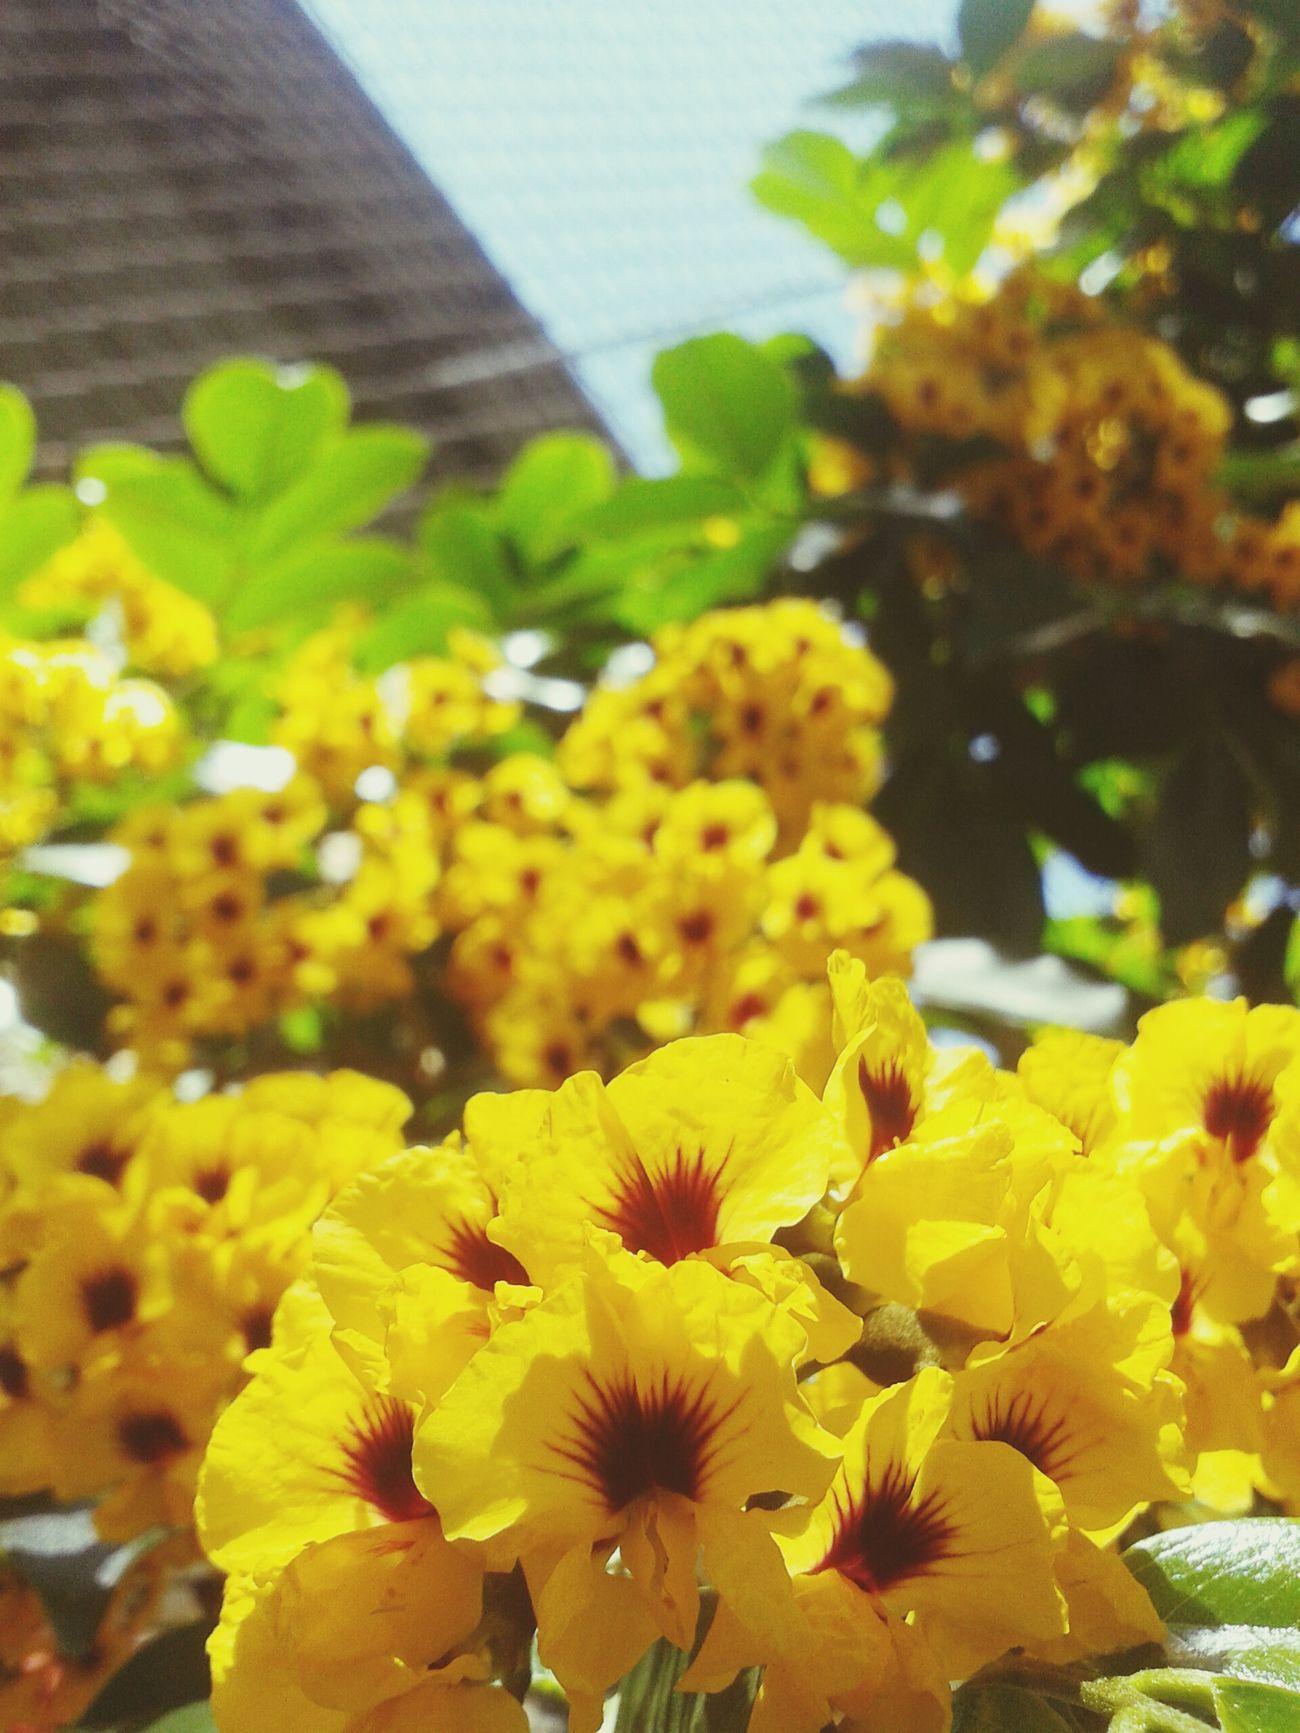 Um olhar diferente para uma coisa tão simples Flores Ambiente EmAlgumLugar Amoanatureza